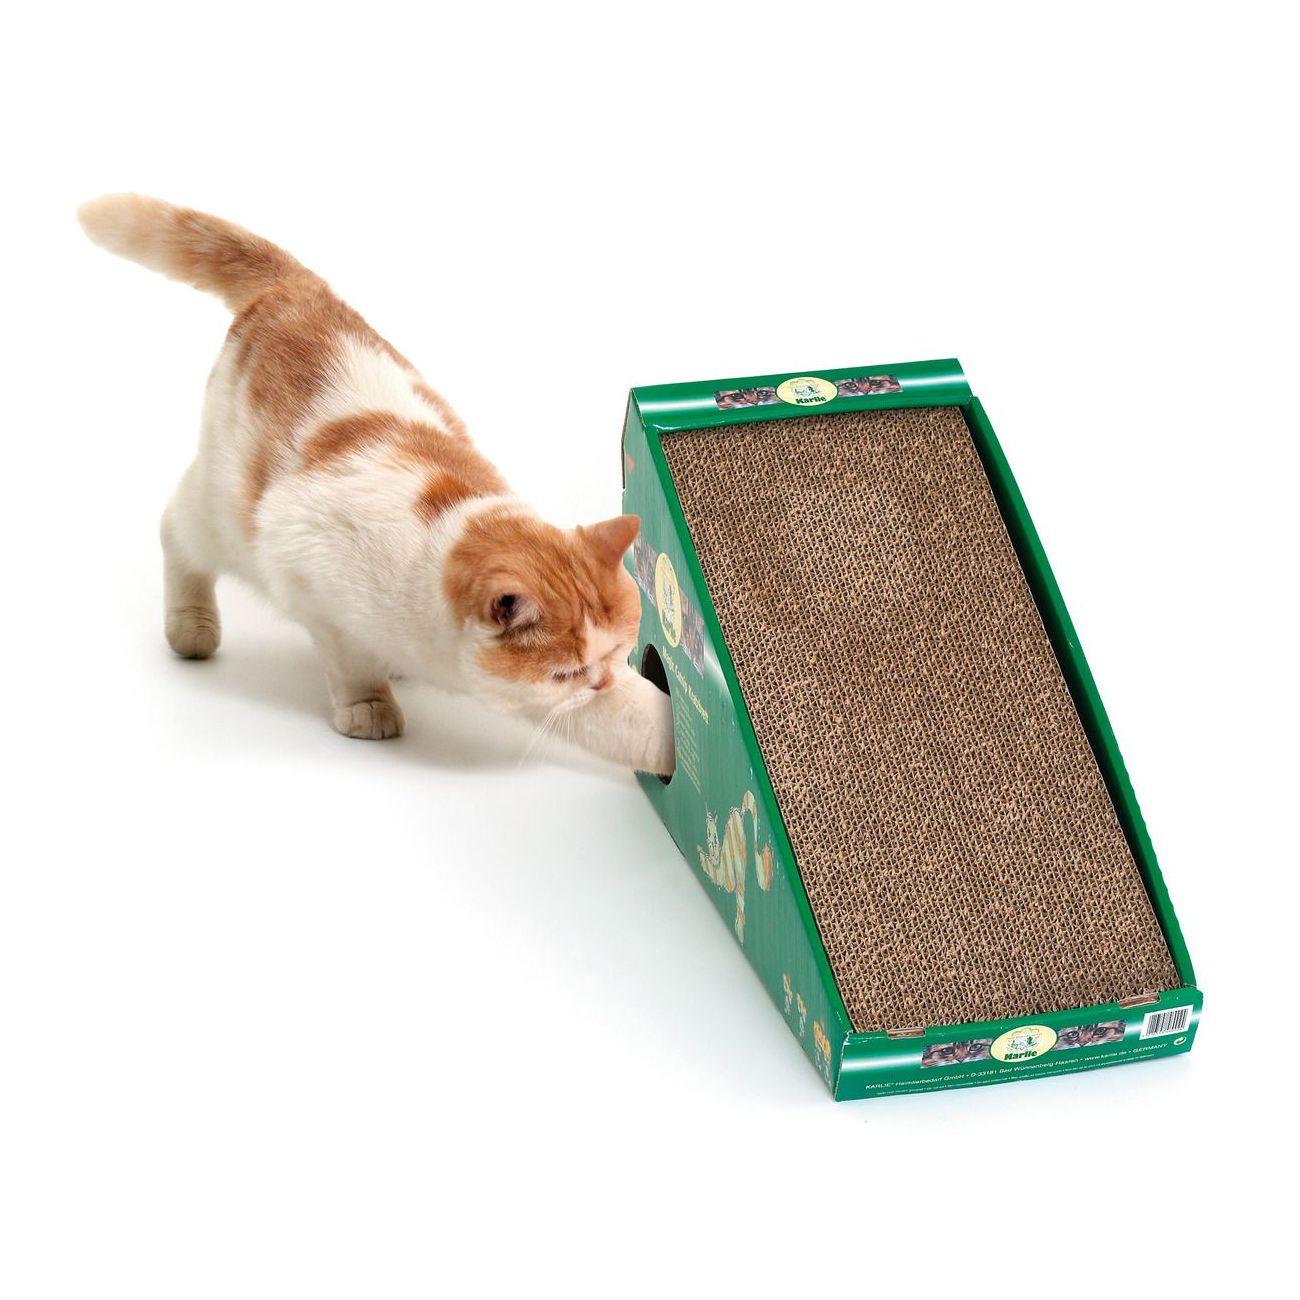 Karlie Škrábadlo s ukrytou myškou pro kočky, 50x21x32 cm